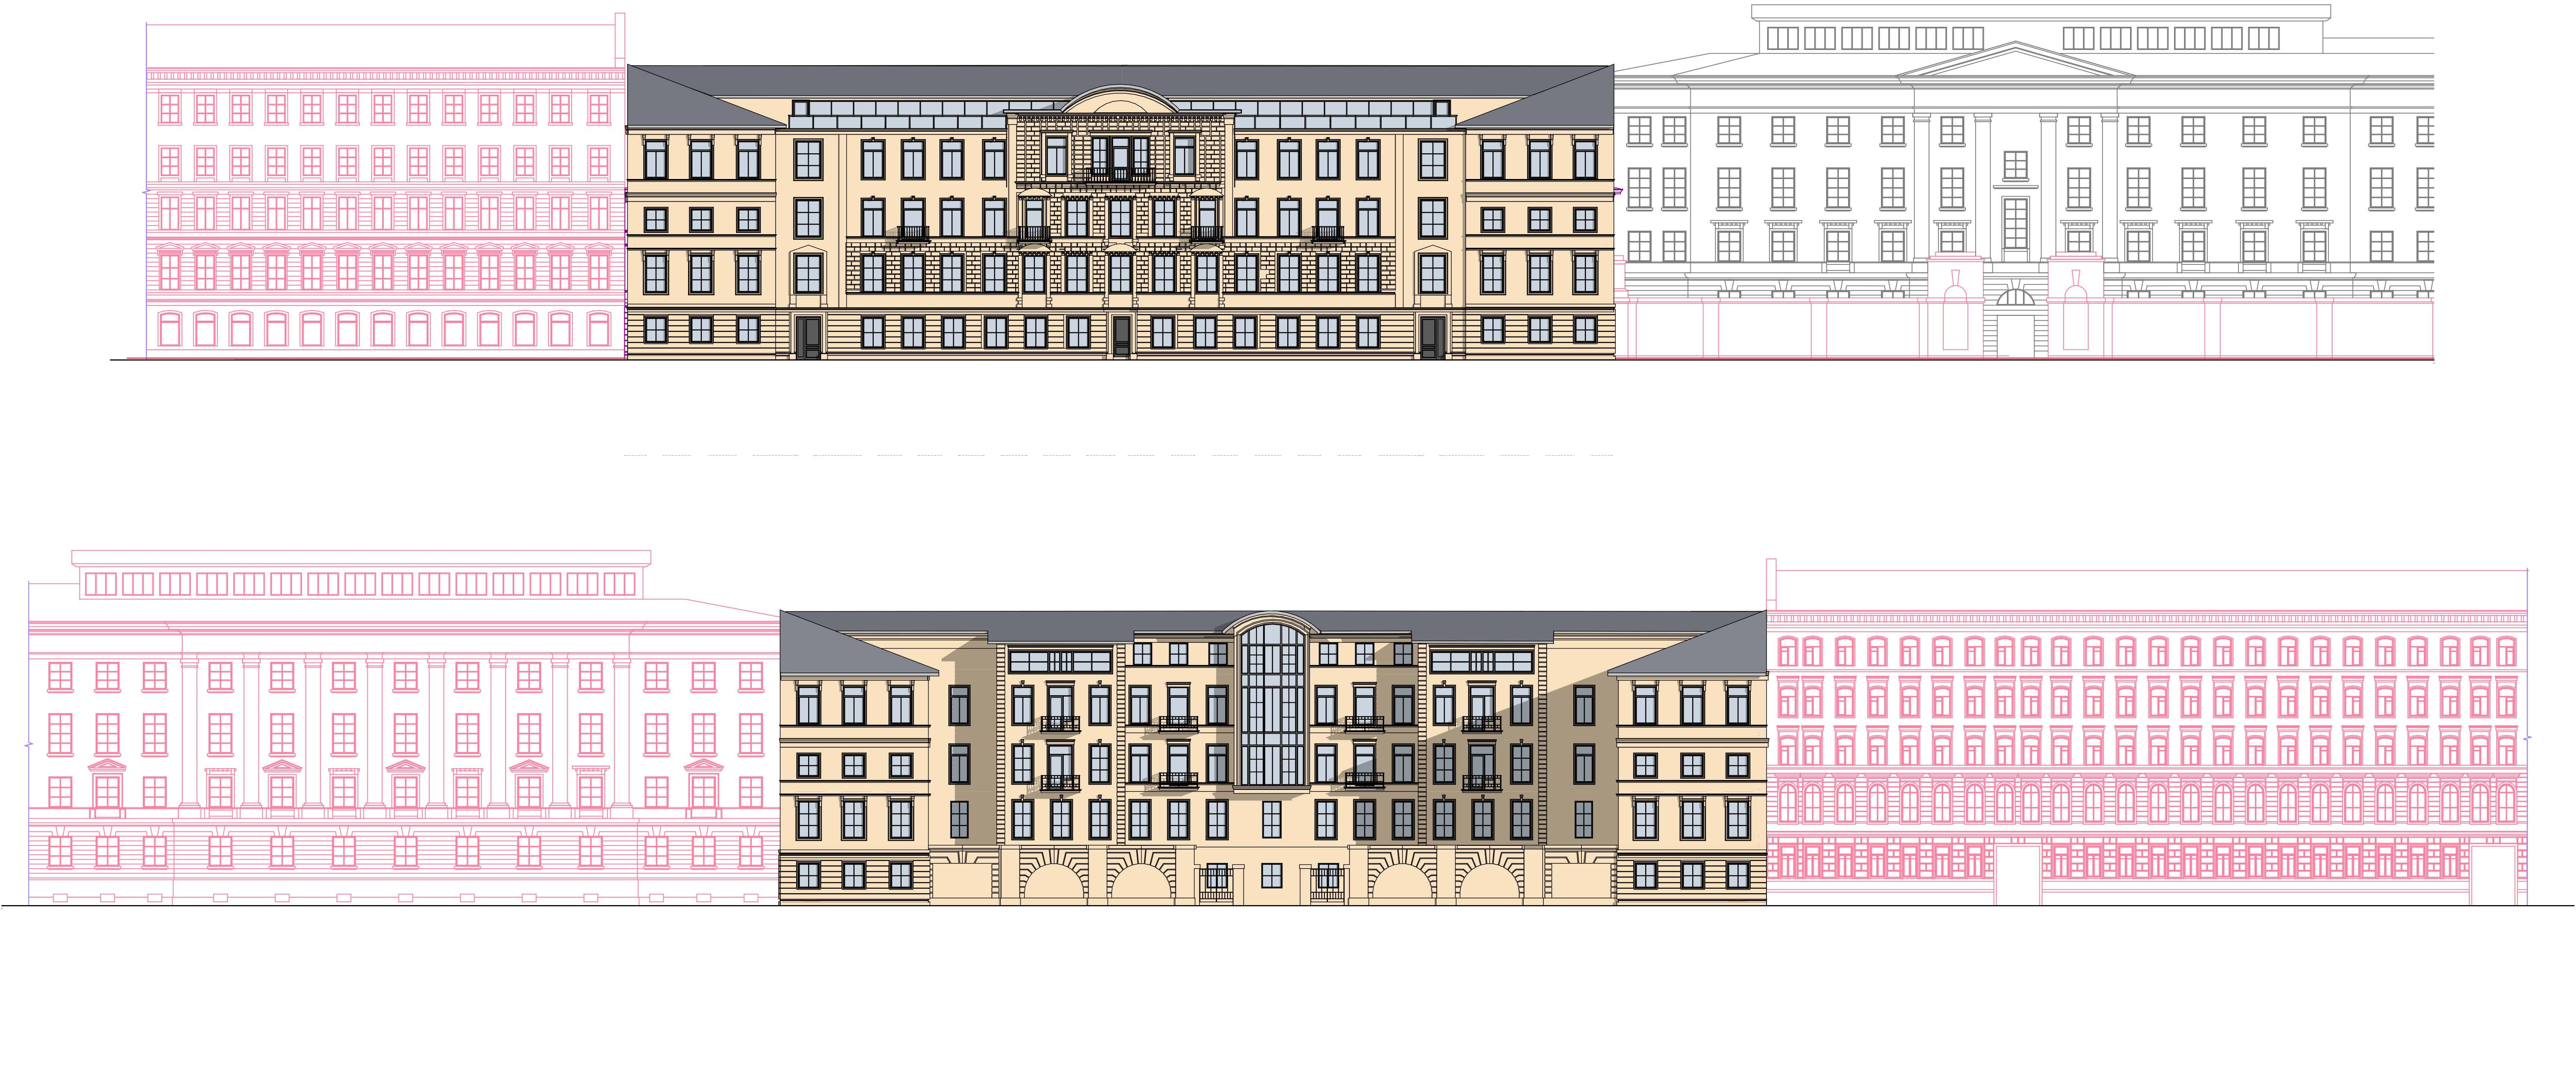 Концепция достройки фасада исторического здания фото f_9295c092603d0ee8.jpg